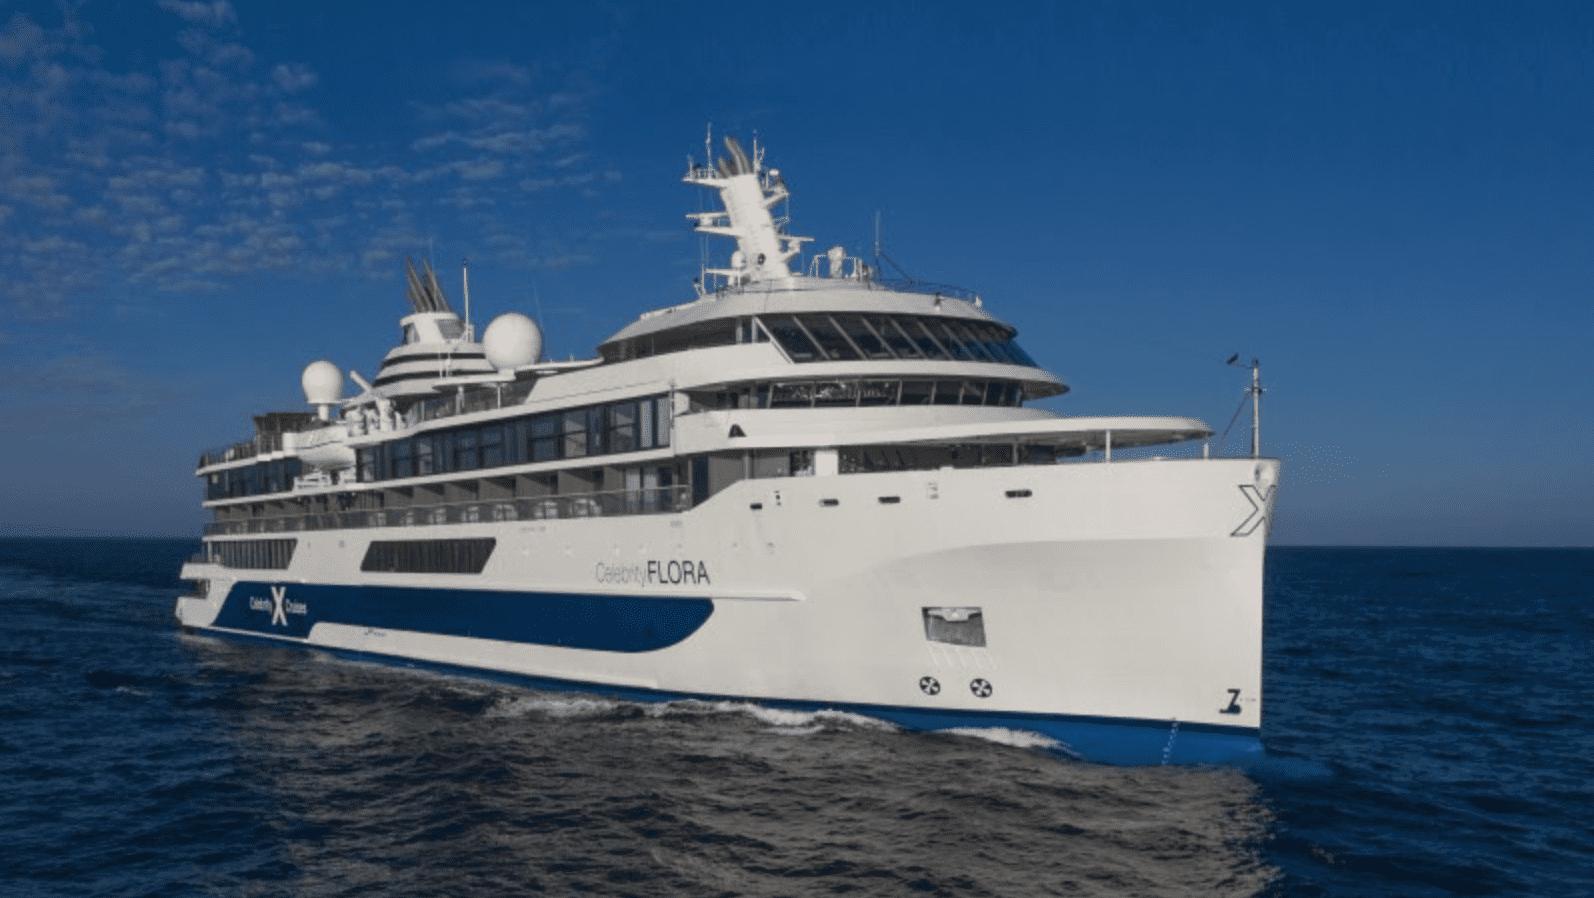 celebrity flora cruise ship galapagos